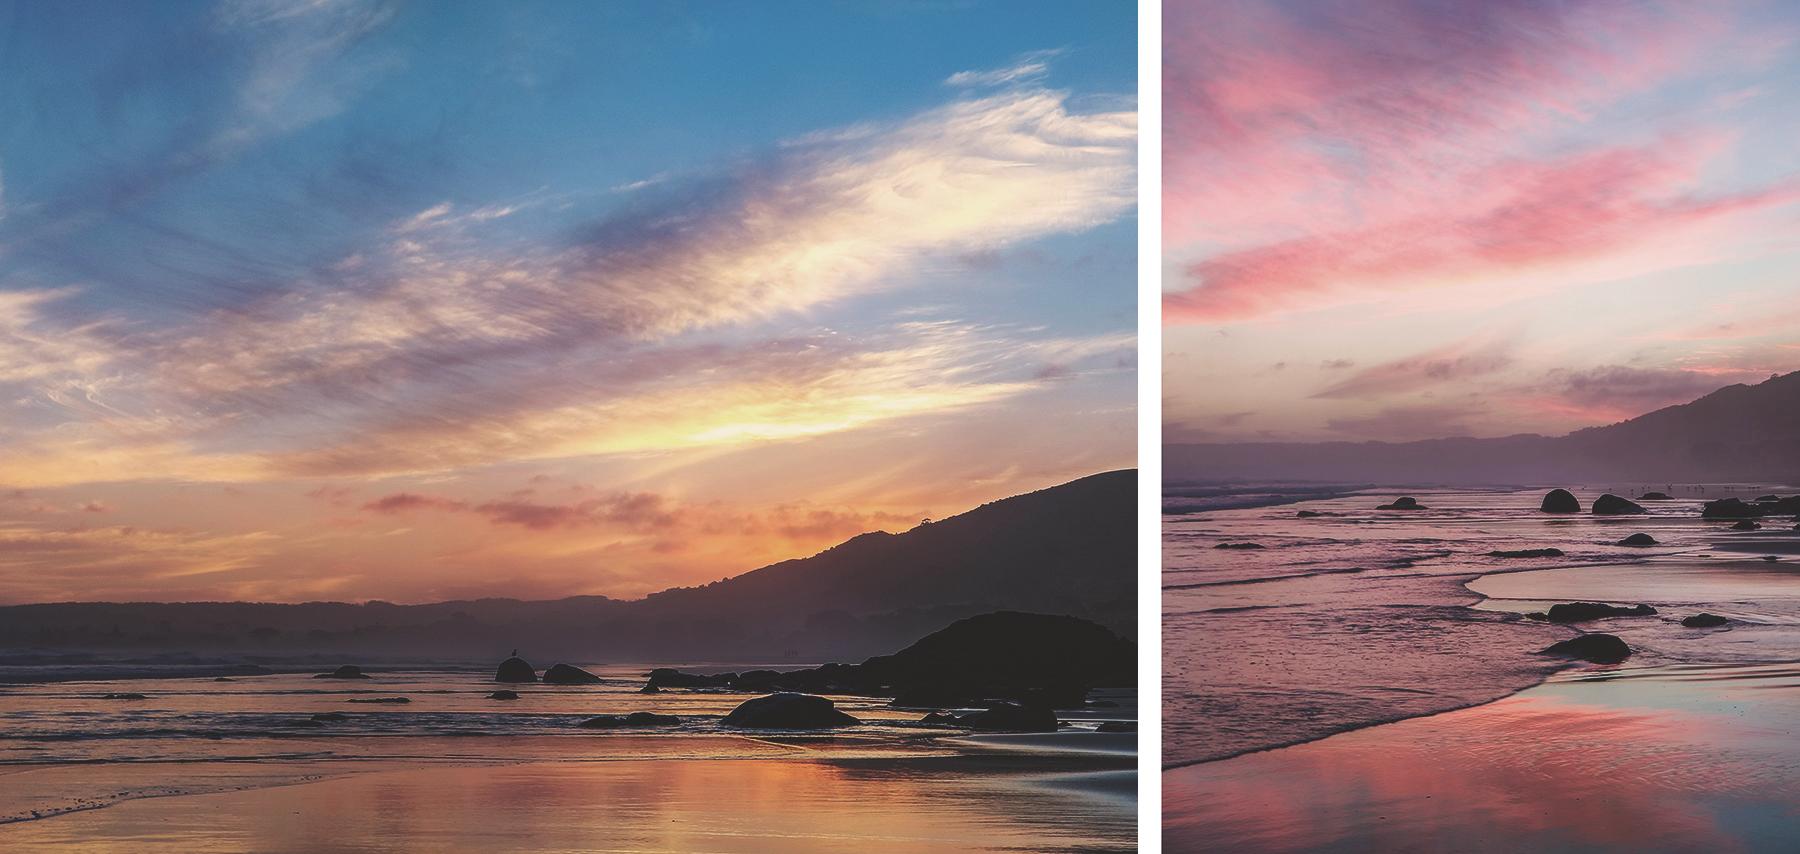 zachody słońca i piękne zdjęcia zrobione smartfonem i jak robić zdjęcia smartfonem